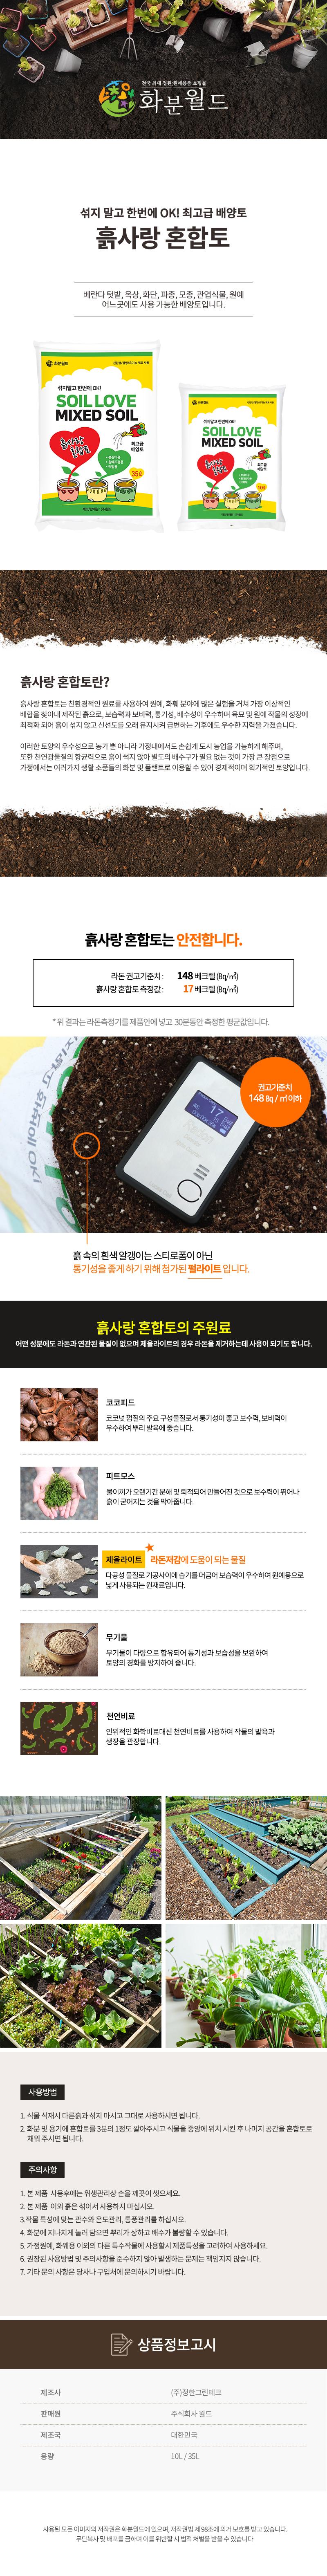 흙사랑배양토 10L  비료 퇴비 분갈이흙 세척마사토 - 화분월드, 3,500원, 새싹/모종키우기, 흙/비료/영양제